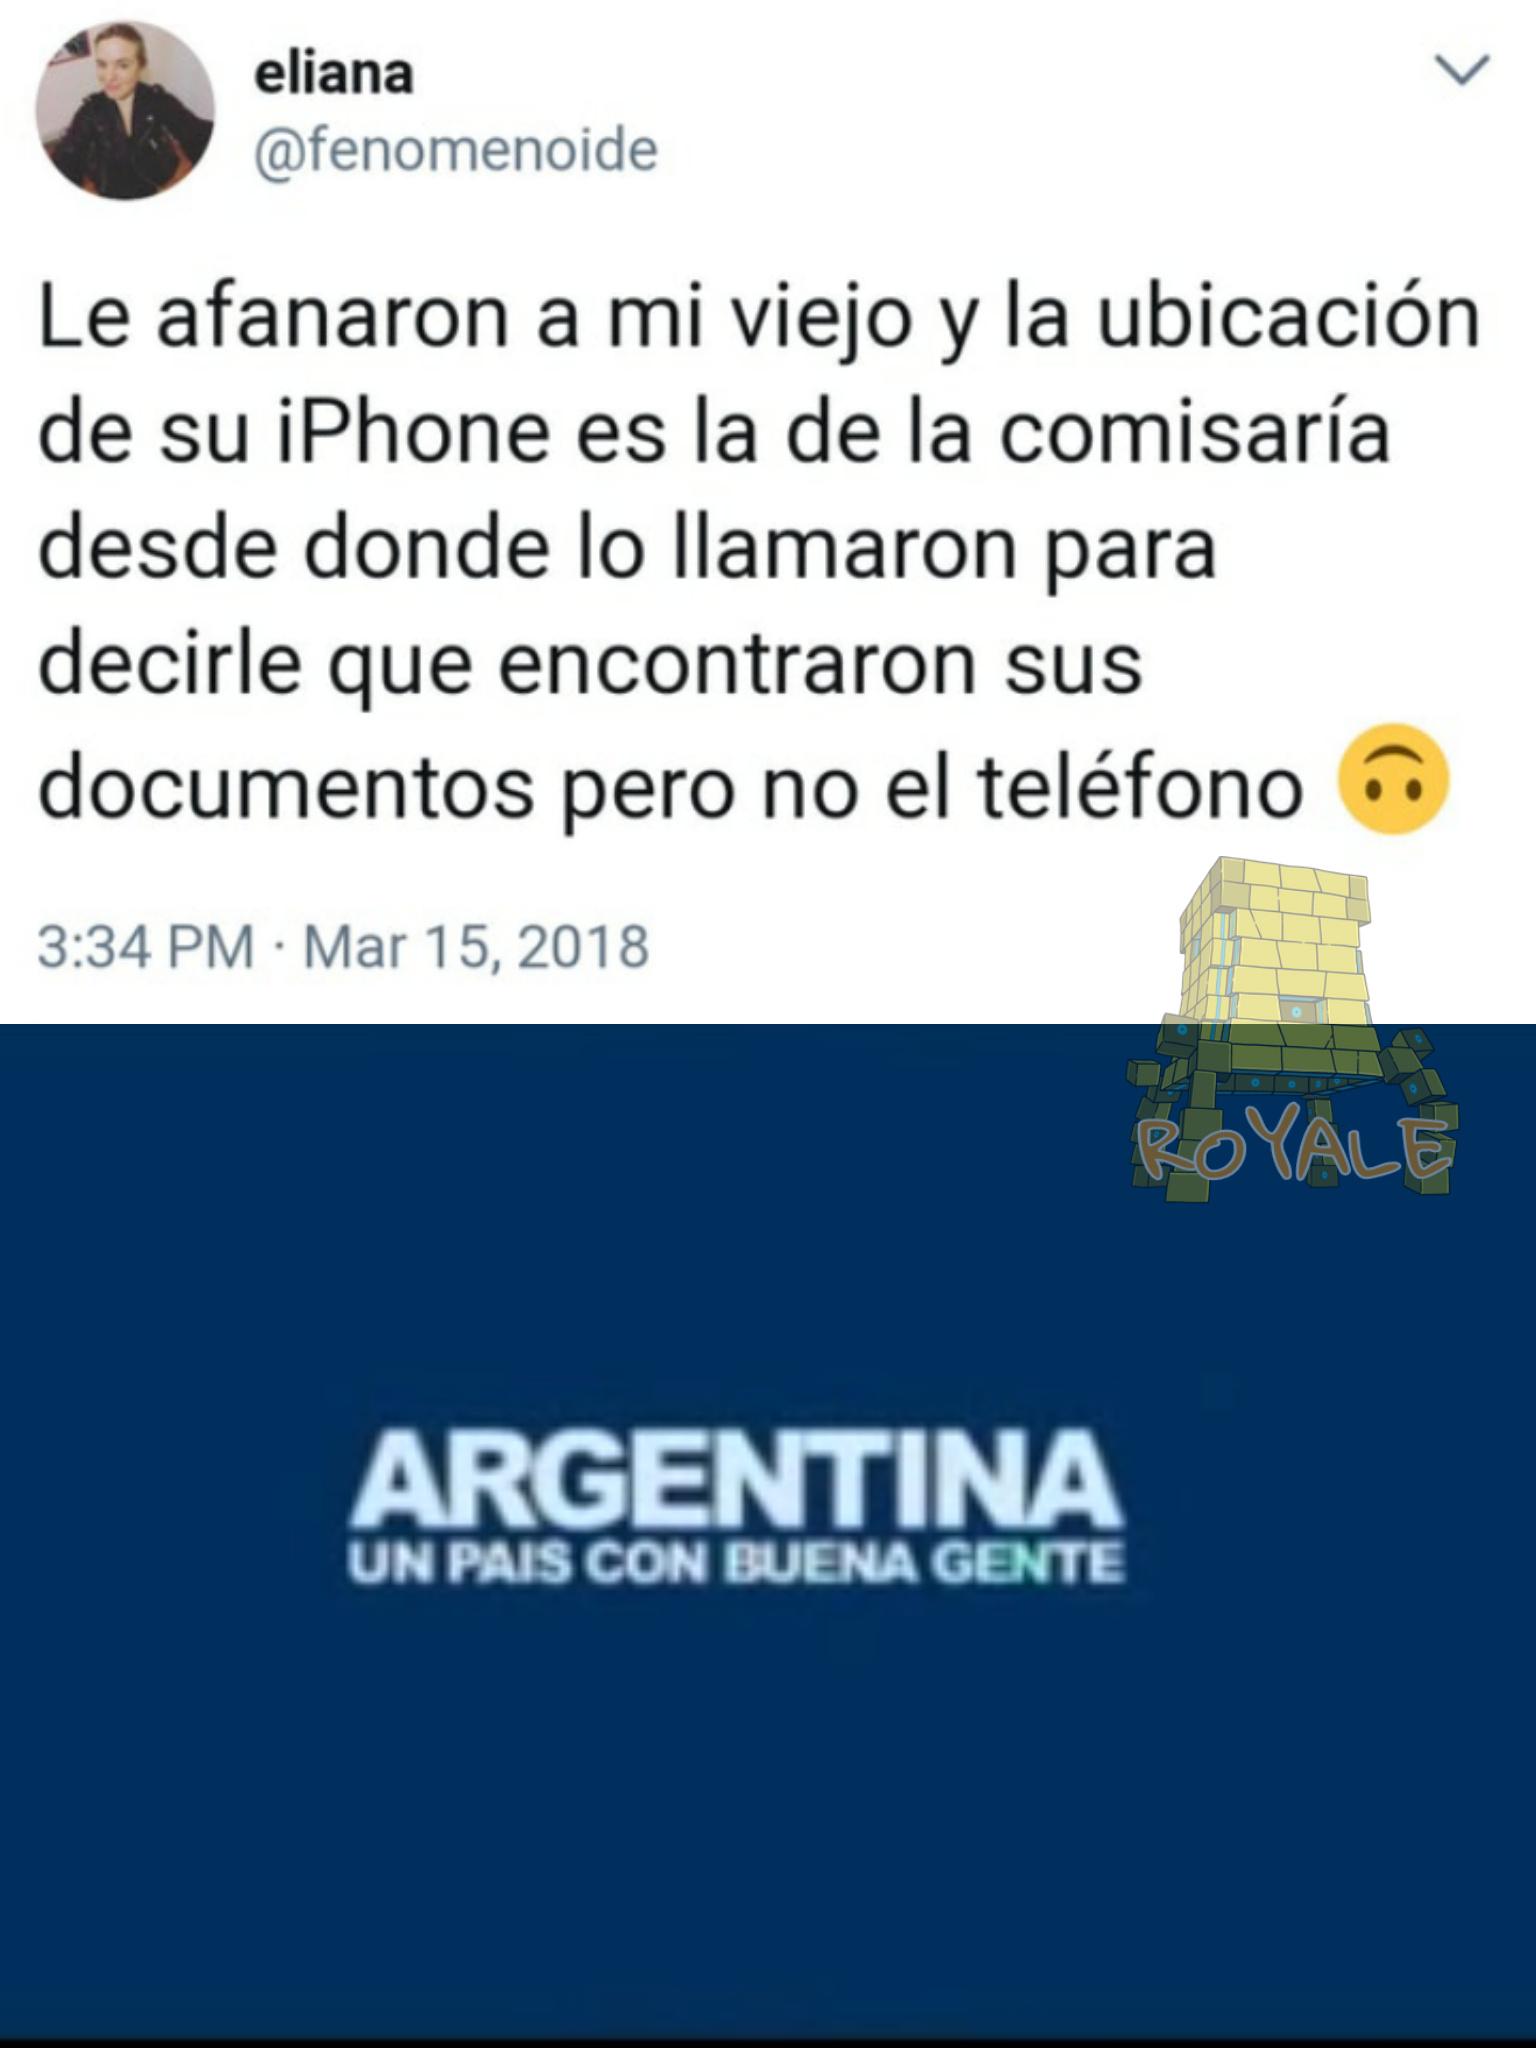 Culpa de Macri - meme